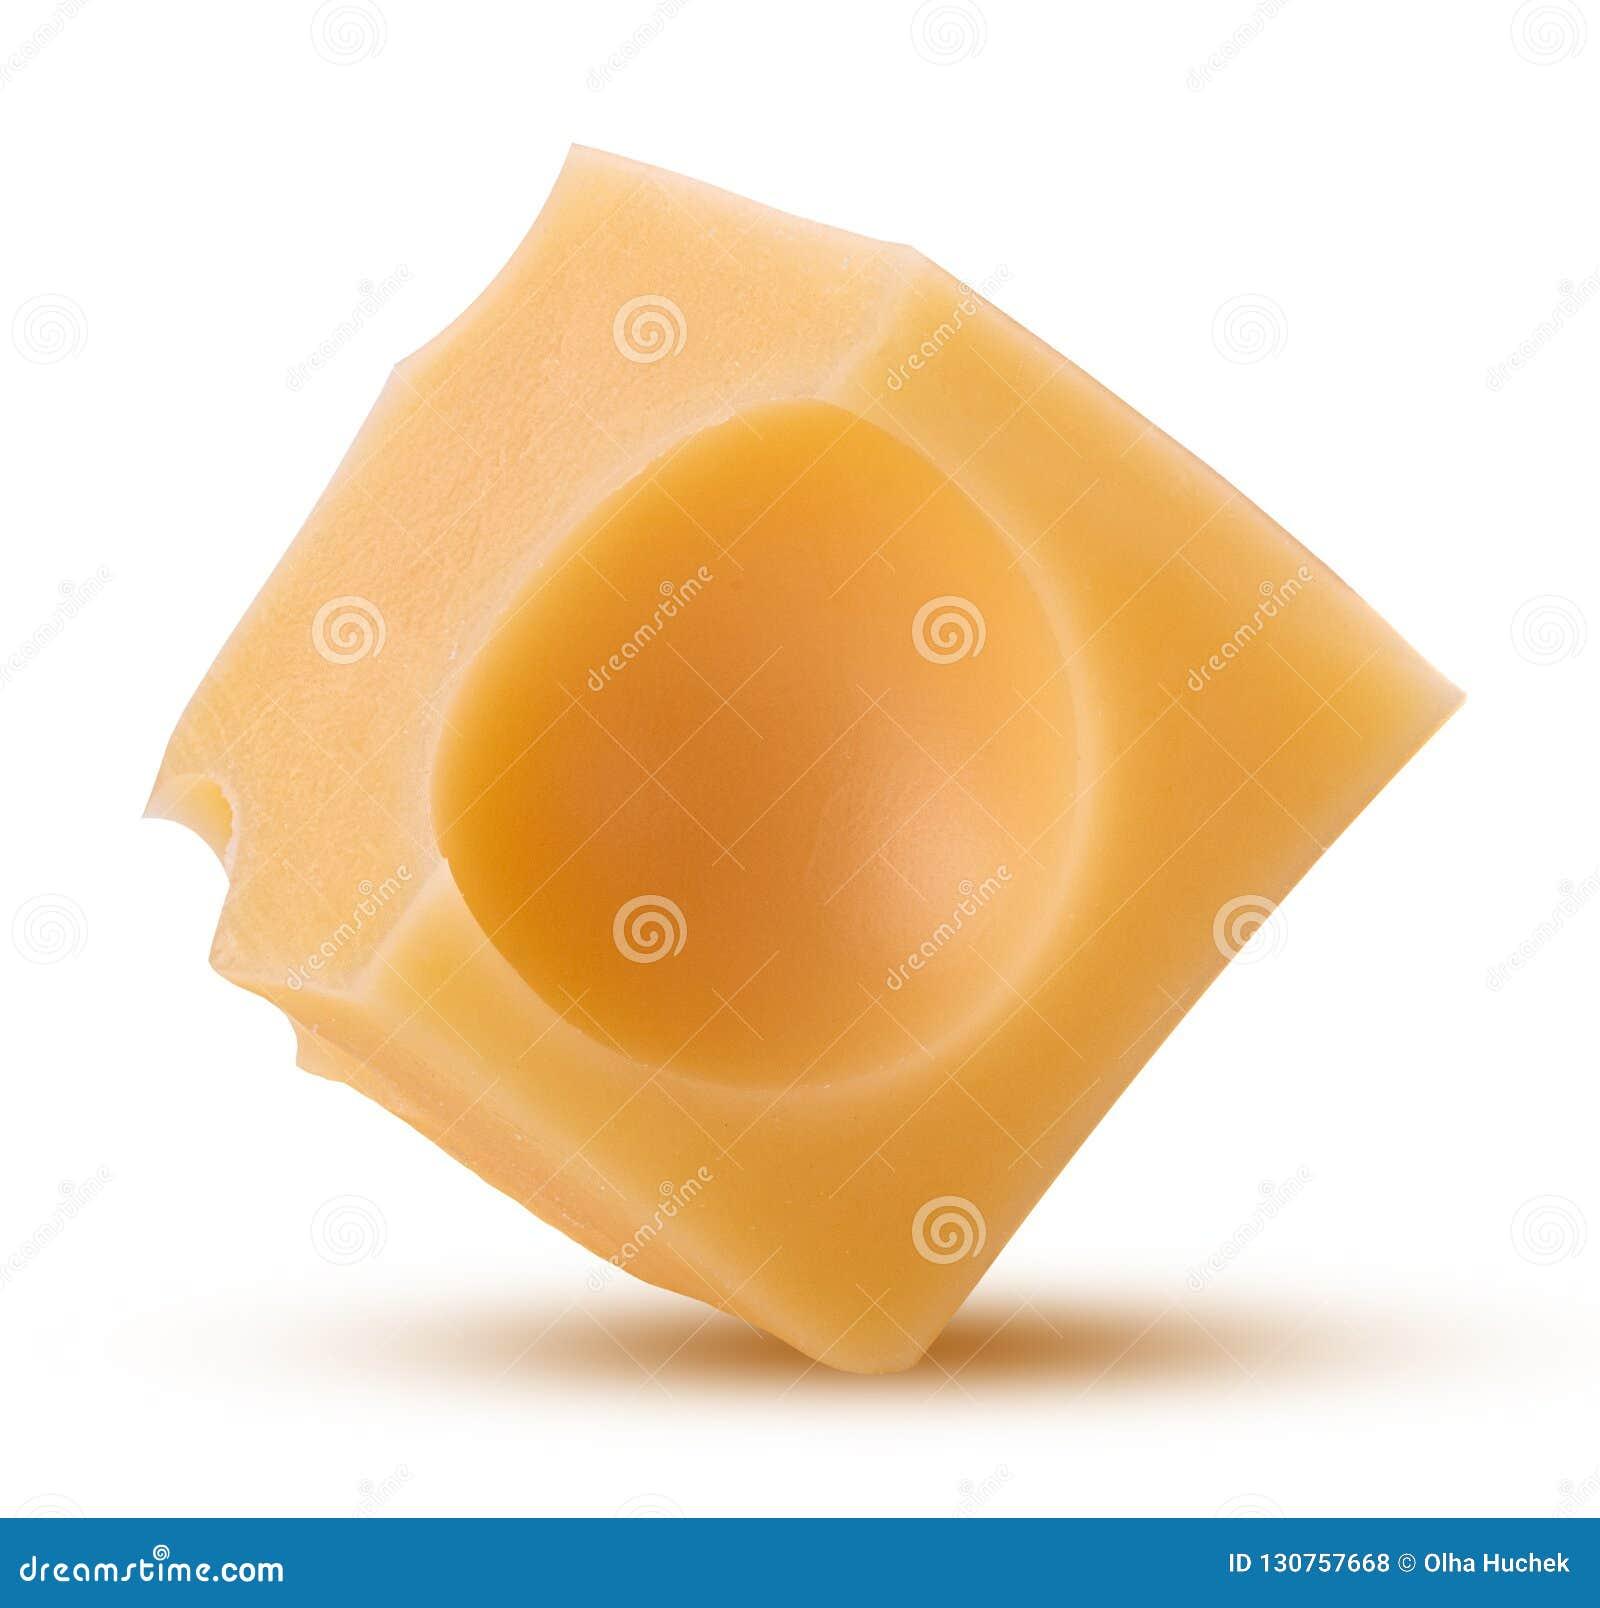 Kubus van kaas